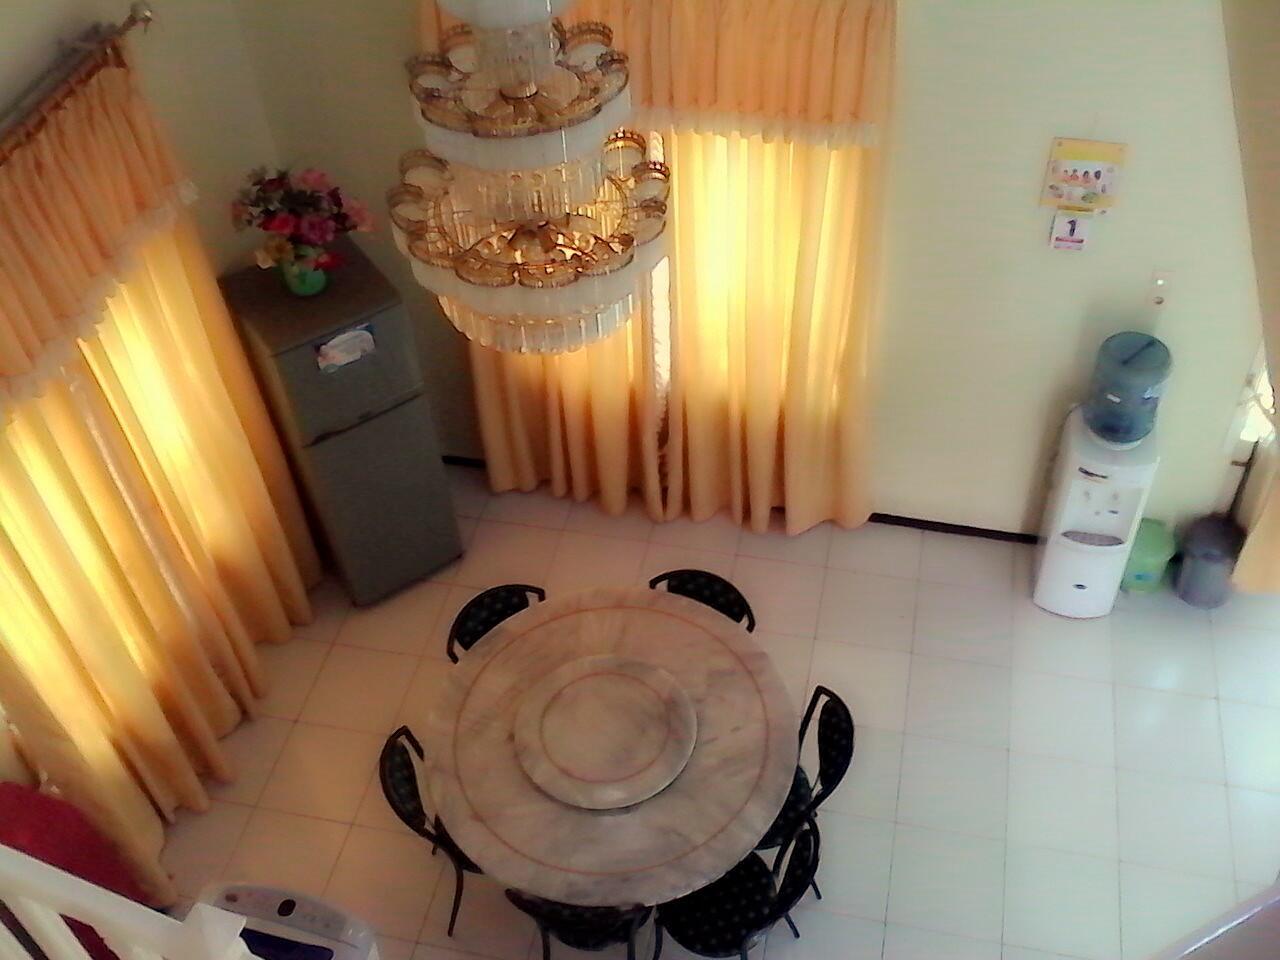 sewa villa vila di puncak murah kolam renang cipanas cianjur , villa luxury1 ID ersan